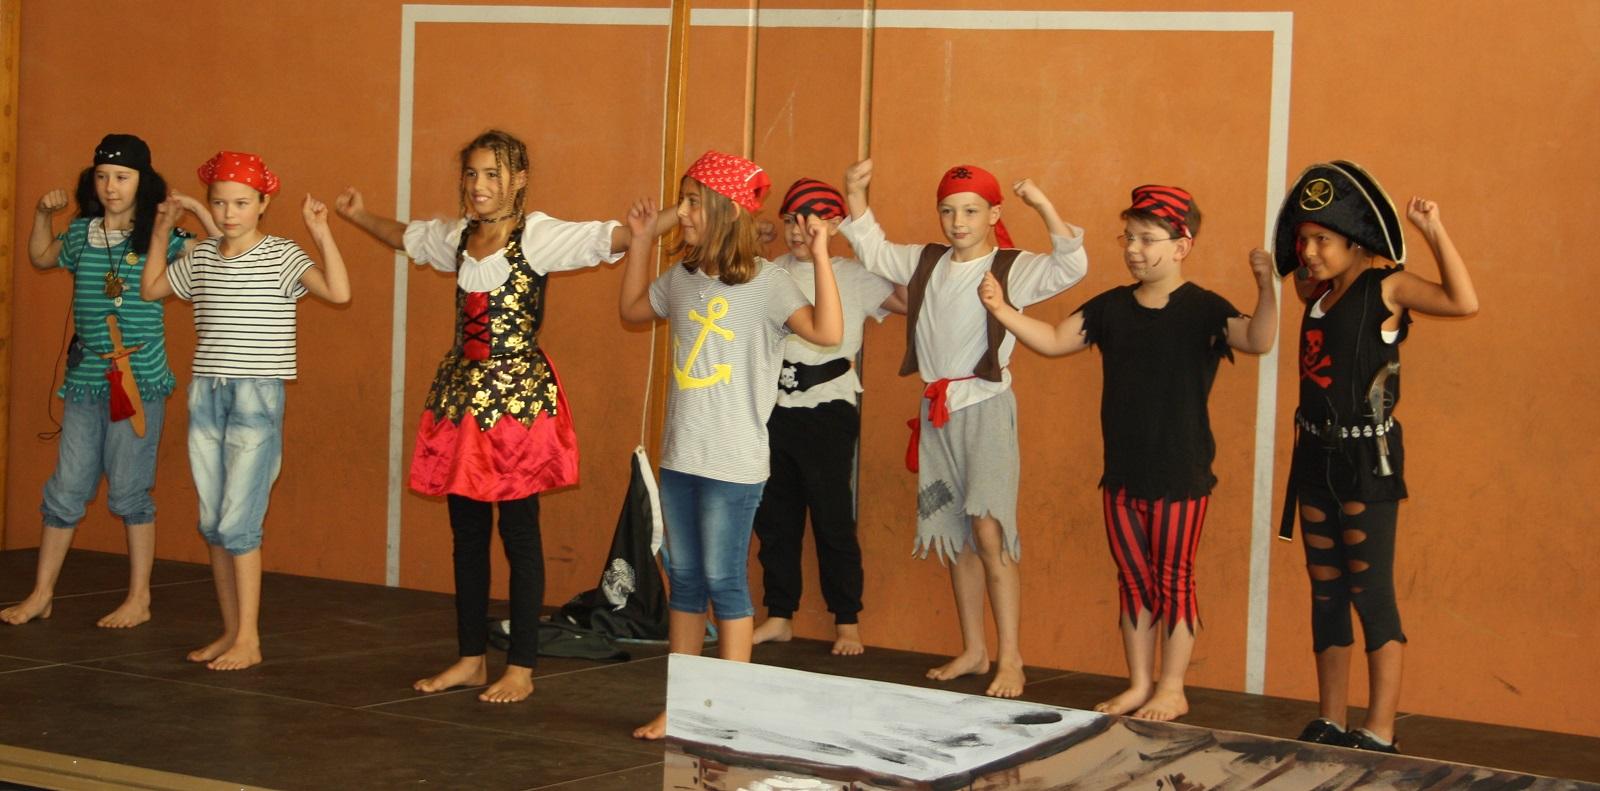 Einschulung In Der Friedrichschule Friedrichschule Durmersheim